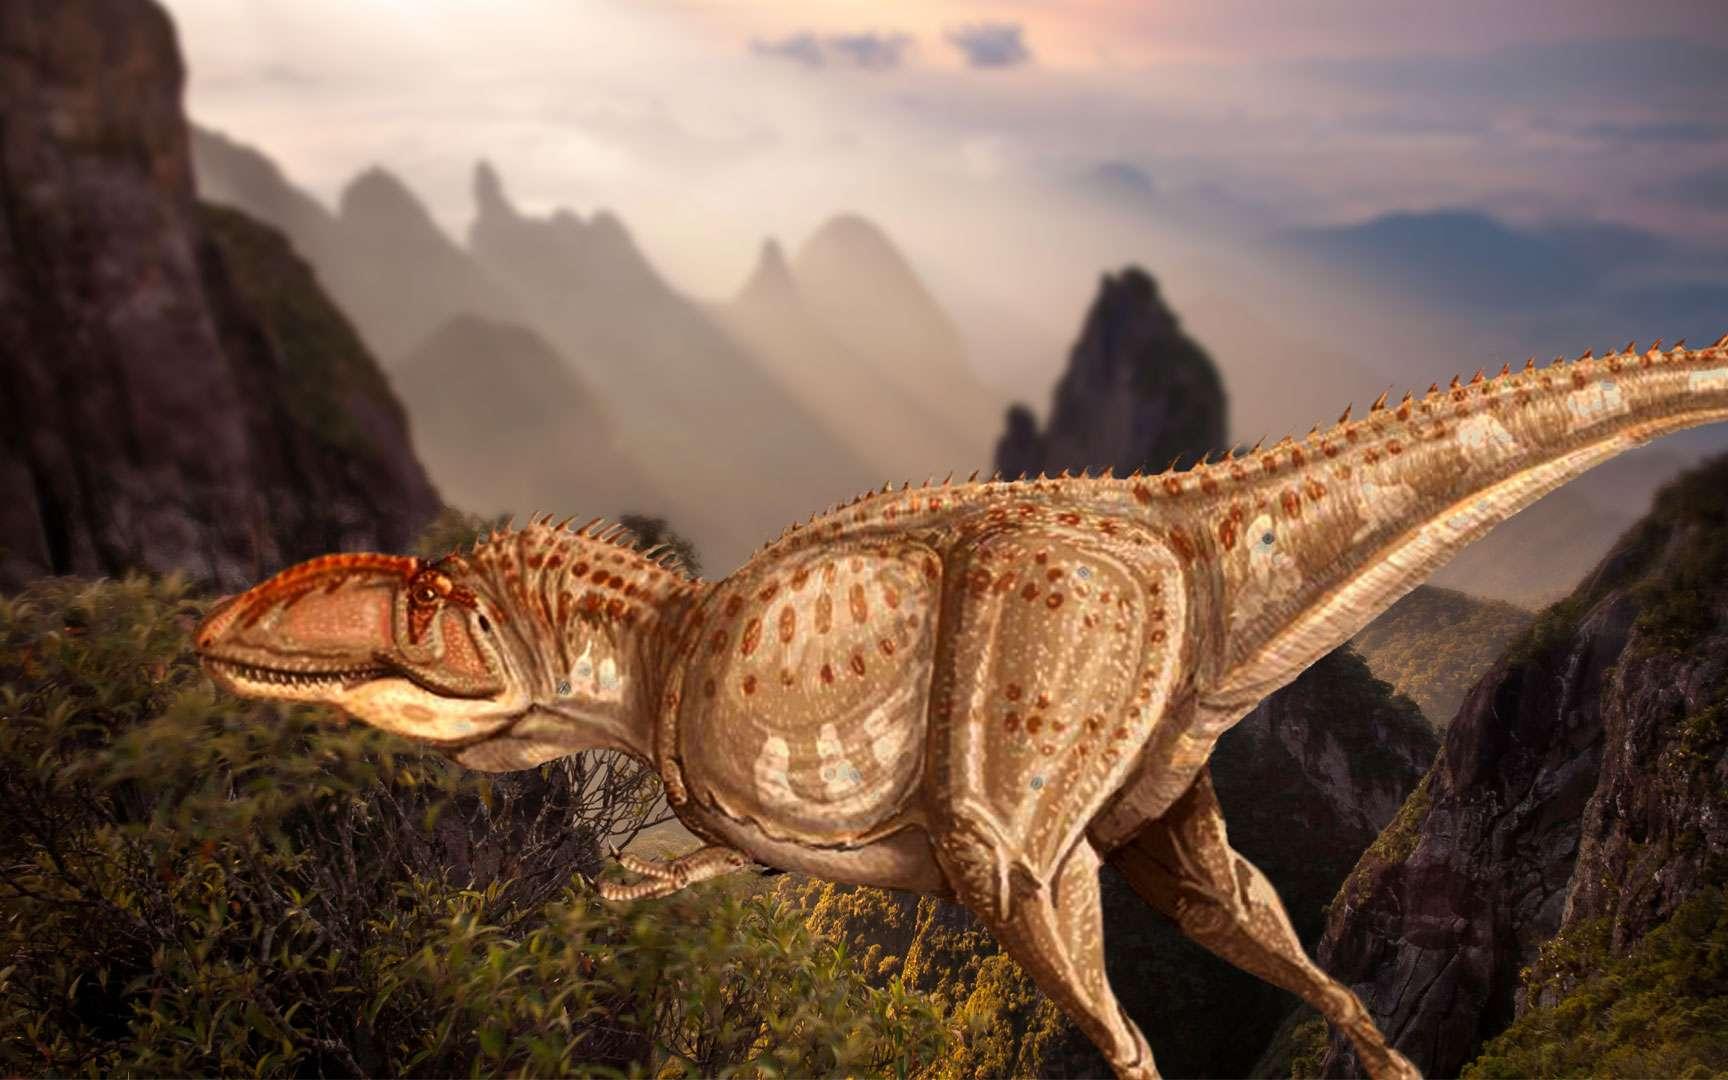 Giganotosaurus ou Giganotosaure, l'un des plus grands dinosaures. Signification : reptile géant. Ce dinosaure du Crétacé supérieur (-97 à -65 millions d'années) devait être l'un des plus grands dinosaures carnivores de tous les temps. Il devait mesurer entre 12 et 14 mètres et peser environ 7 à 8 tonnes. Ce monstre vivait en Argentine avec l'un des plus grands dinosaures : Argentinosaurus (peut-être 40 mètres de long et 90 tonnes). Giganotosaurus devait souvent se regrouper, à un moment de l'année (le départ des femelles pour aller pondre leurs œufs) afin de chasser. Ils essayaient alors d'isoler un vieux dinosaure, un malade ou un jeune membre du troupeau et de le tuer en le blessant. Parfois, Giganotosaurus pouvait attaquer seul des Iguanodons (dinosaure quadrupède et bipède de 9 mètres de long) dans les forêts clairsemées d'Argentine. Cet animal était probablement une machine à tuer, mais sa taille reste un sujet de discussion. © ДиБгд, Wikimedia Commons, DP